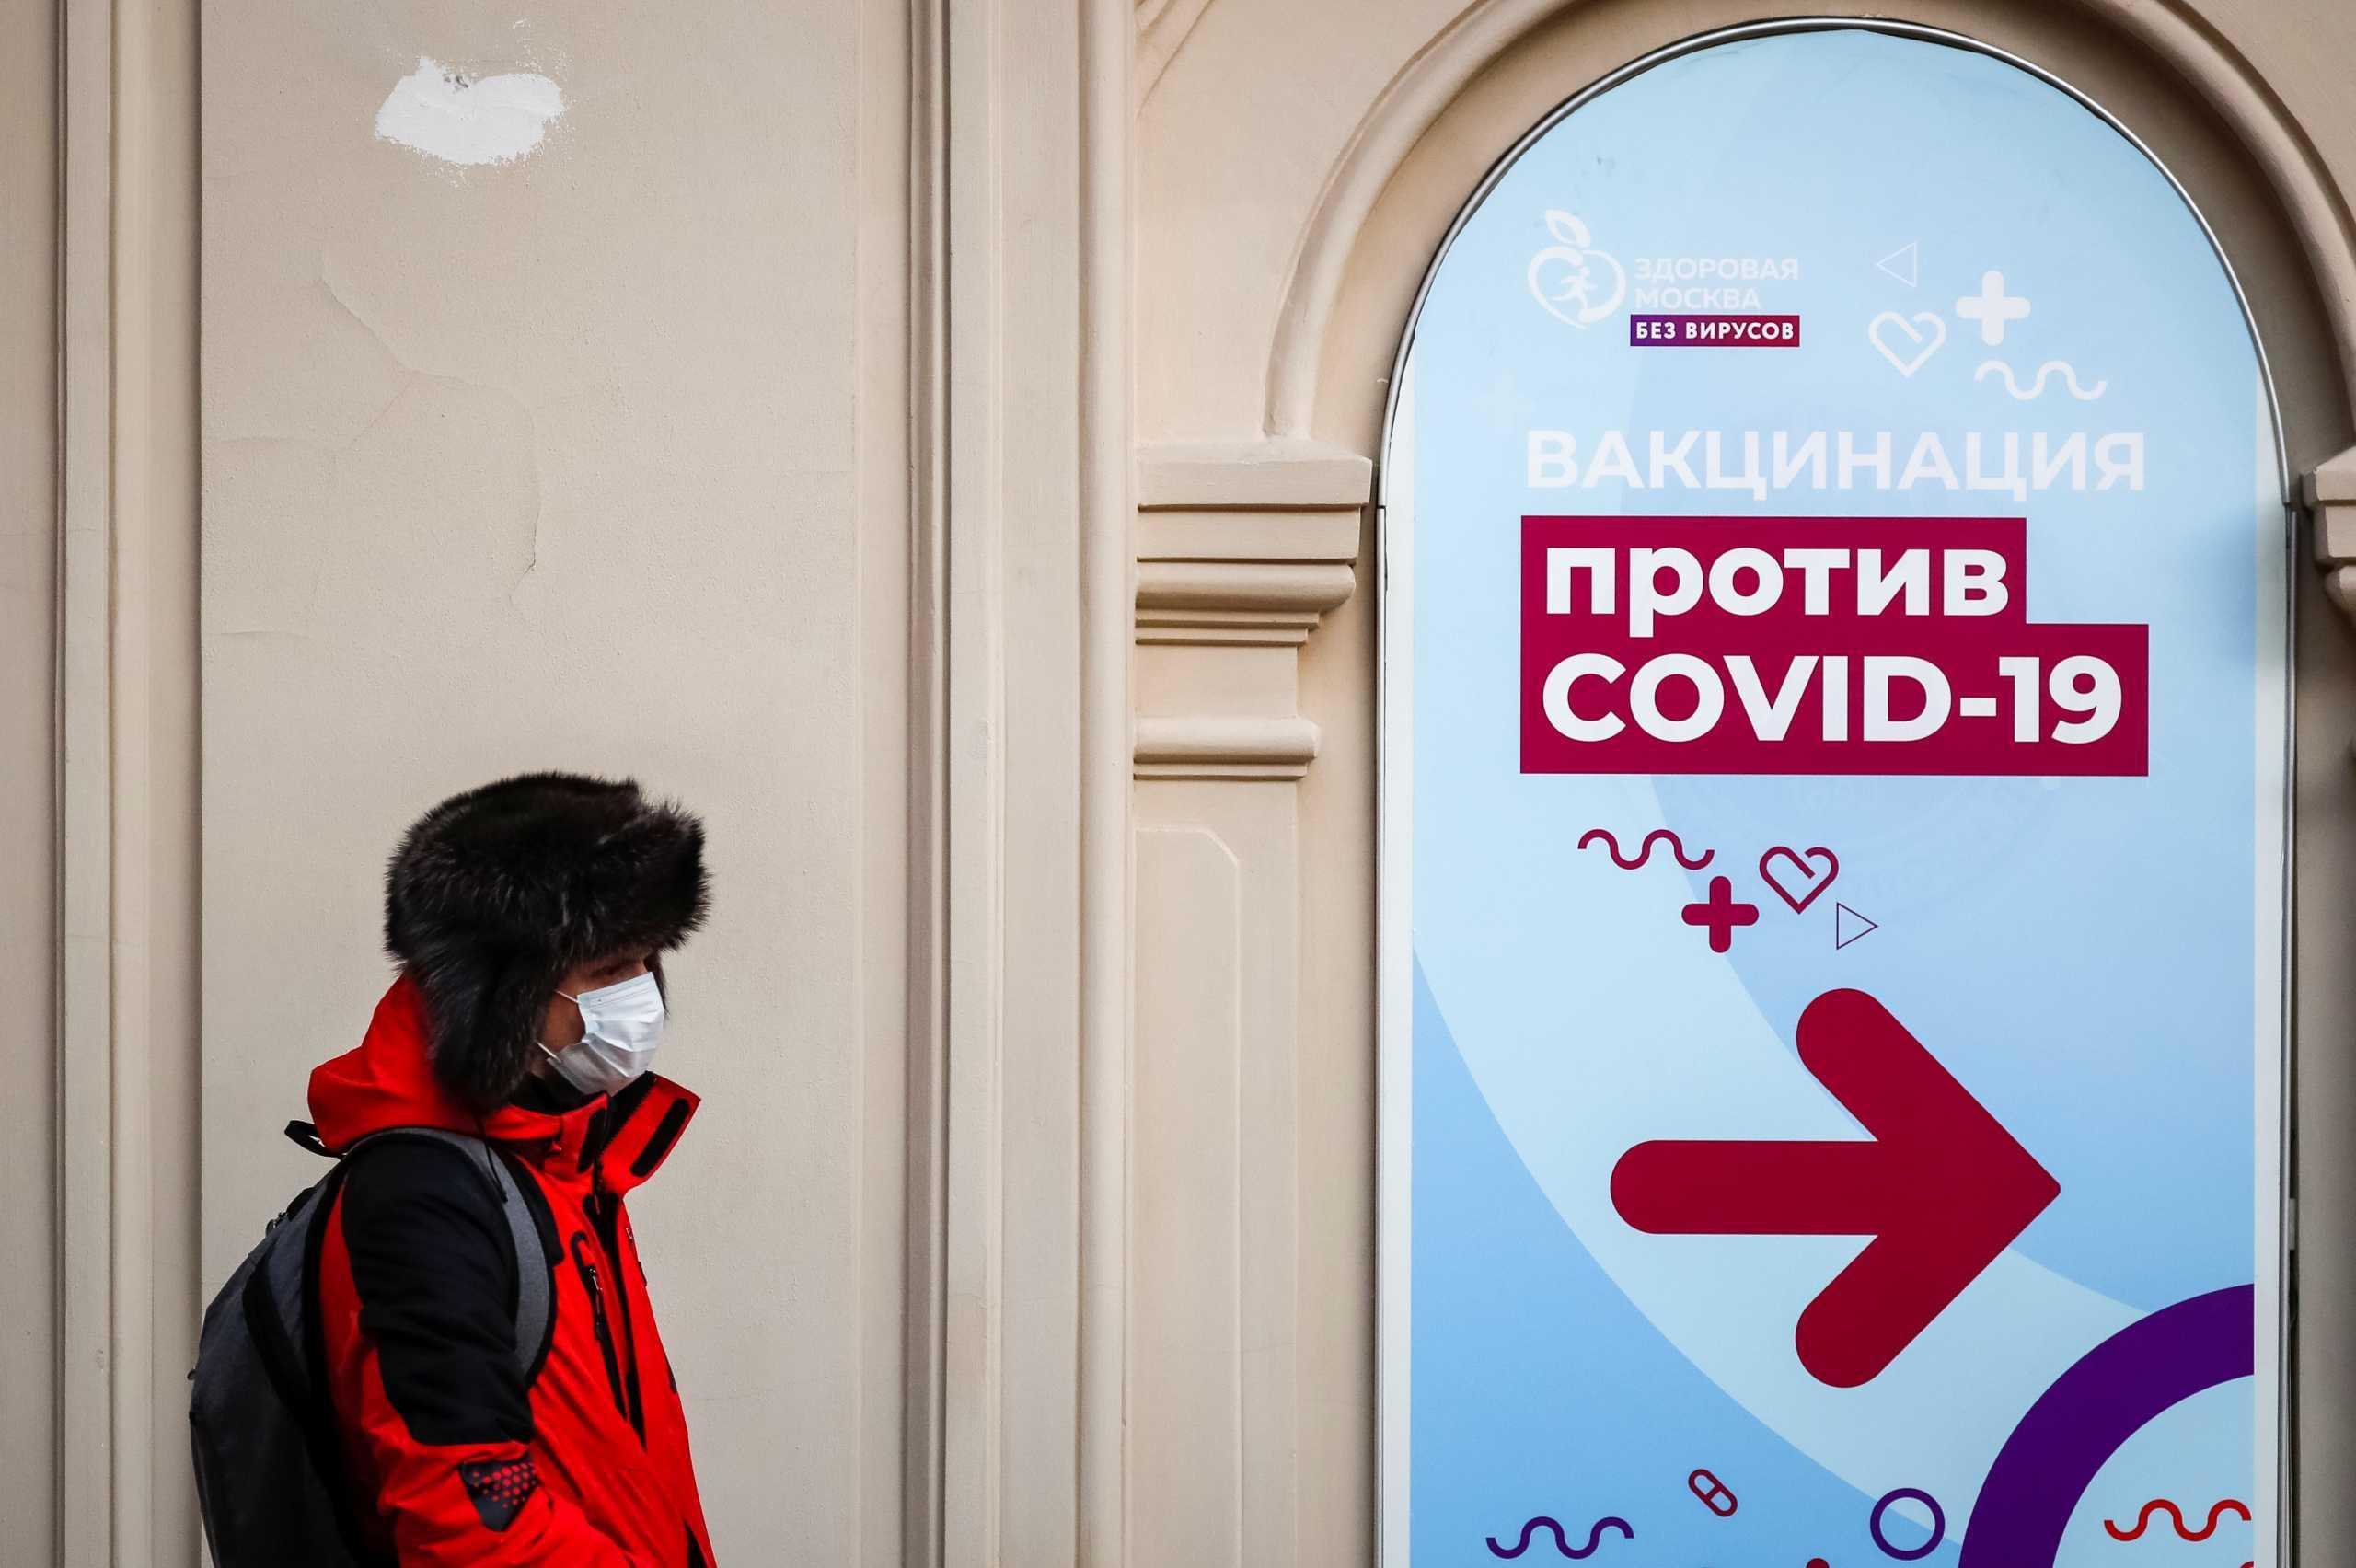 Τον Απρίλιο το ρωσικό εμβόλιο κατά του κορονοϊού για τα ζώα